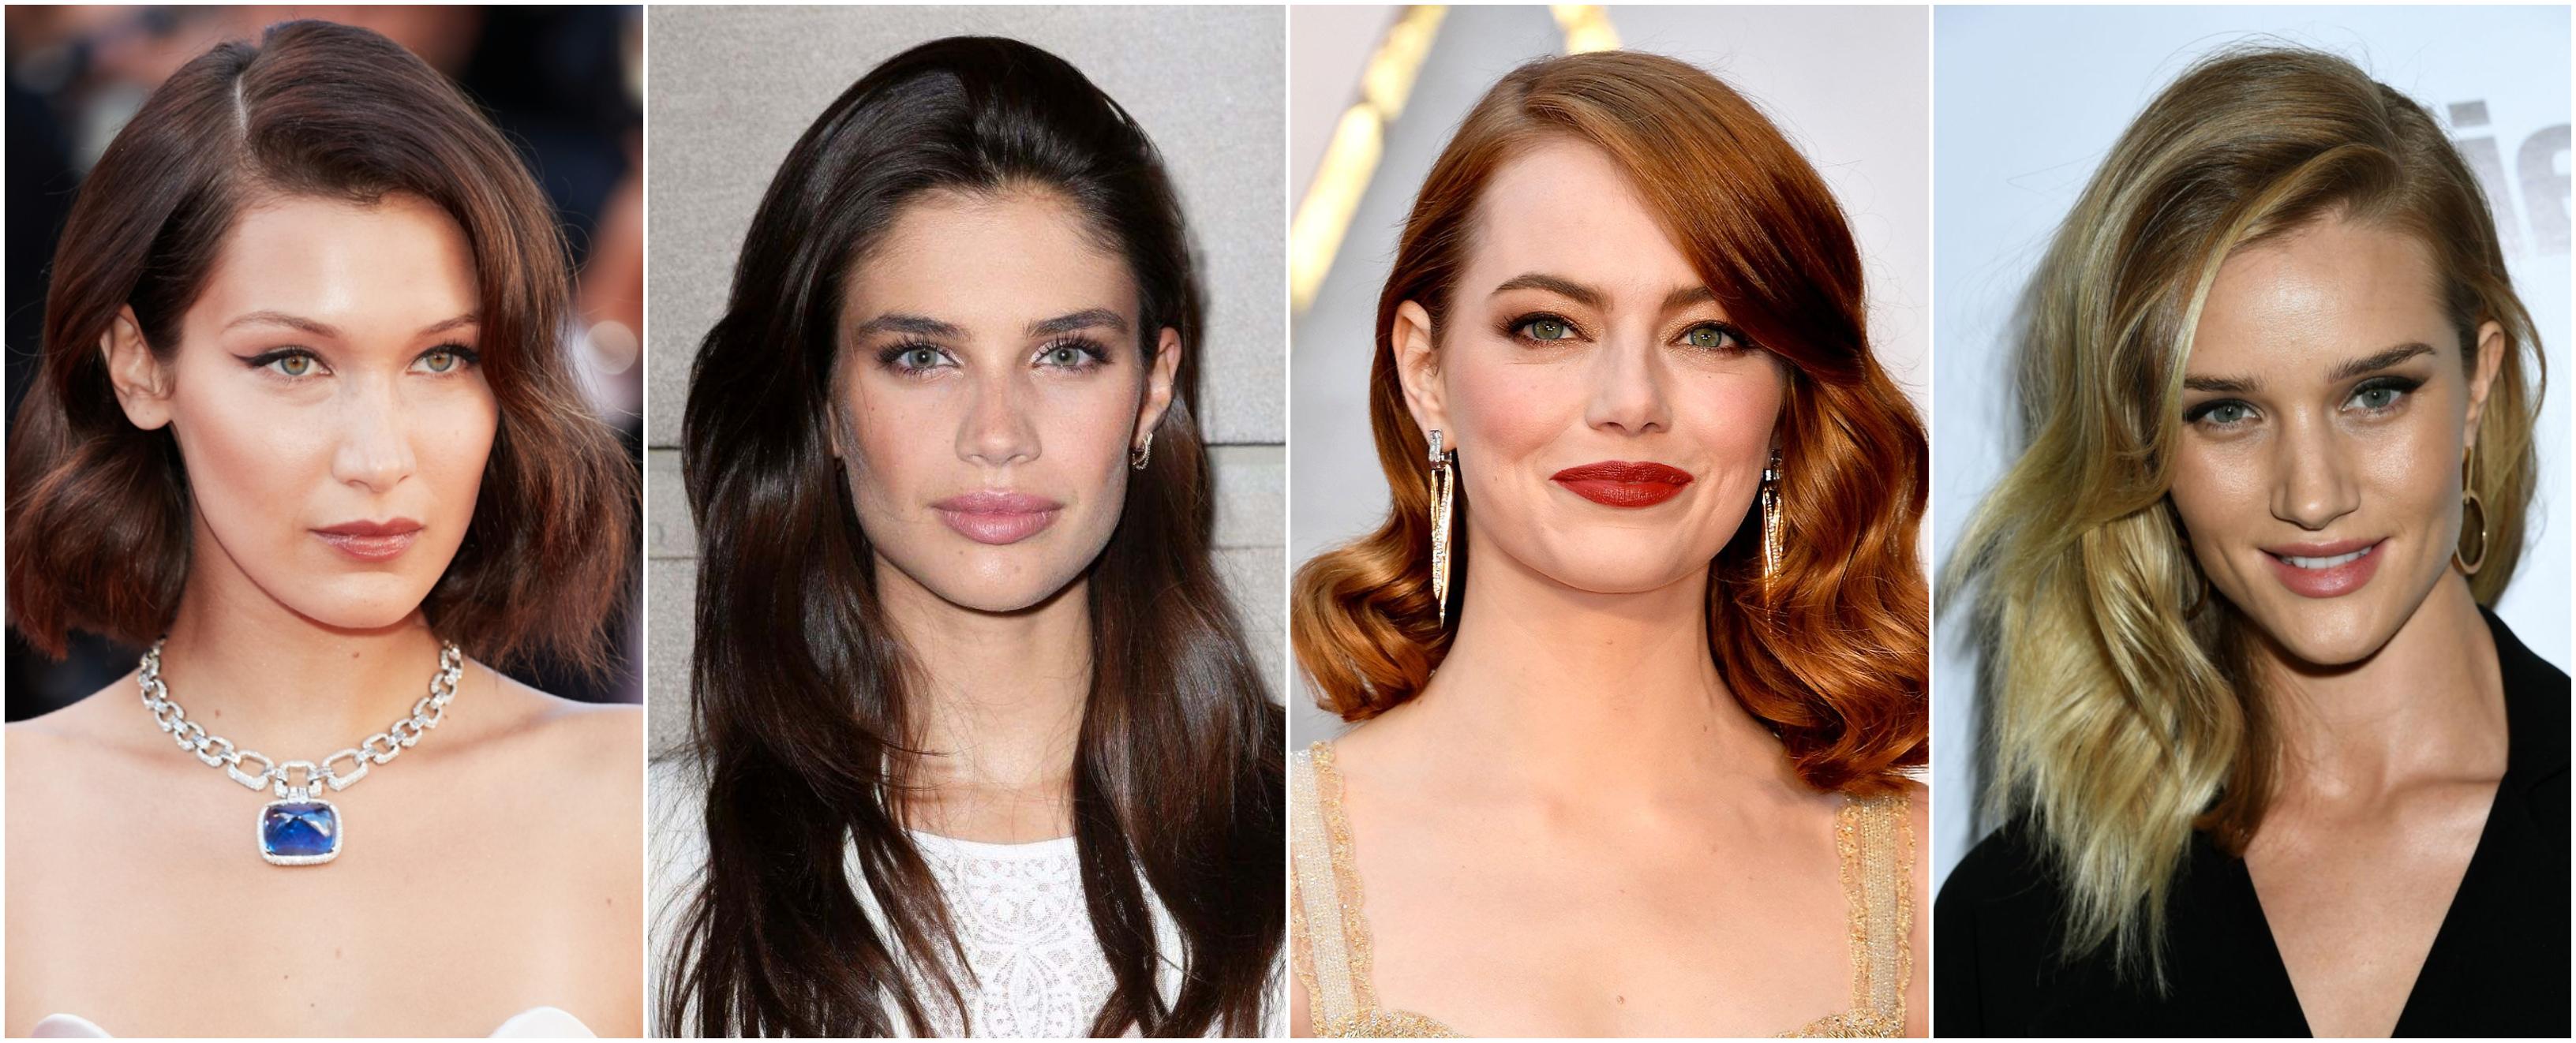 cortes de pelo mujer segun rostro, inspiración de la alfombra roja, forma de rostro ovalada, cuadrada, redonda y triangular